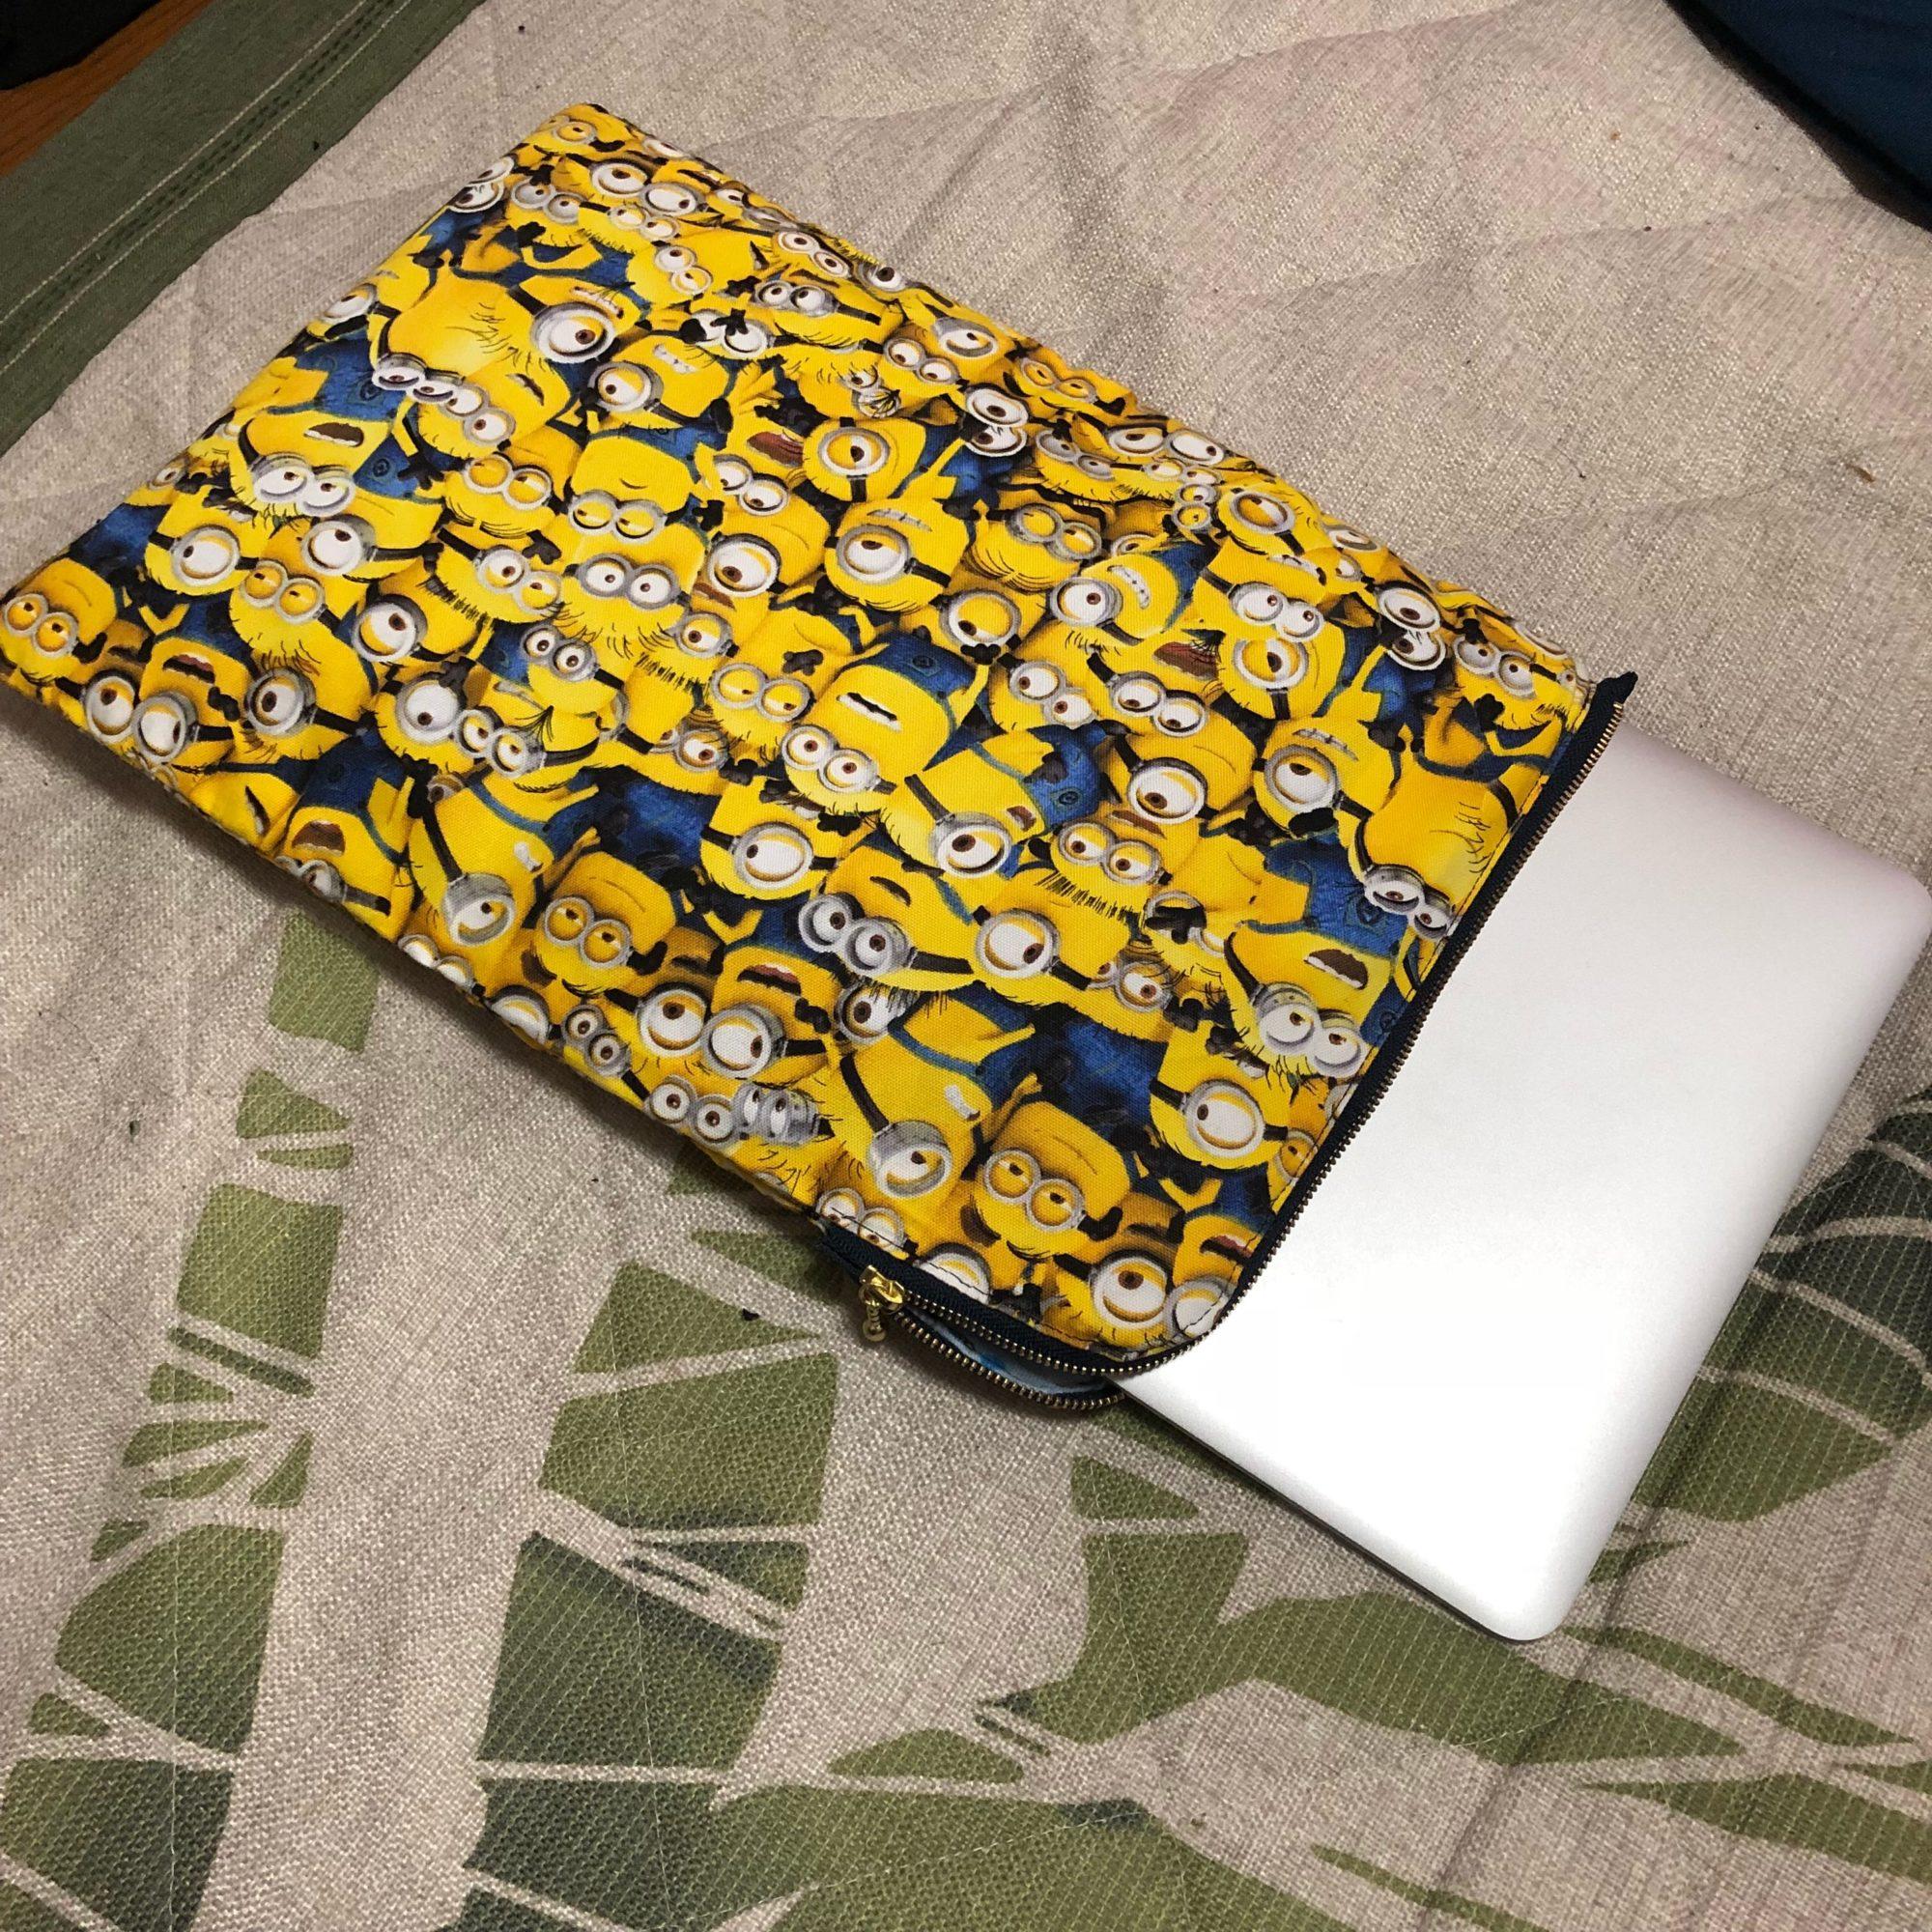 Macbook用のファスナー付き手作りケース!〜適当に作ったら上手にできちゃった〜